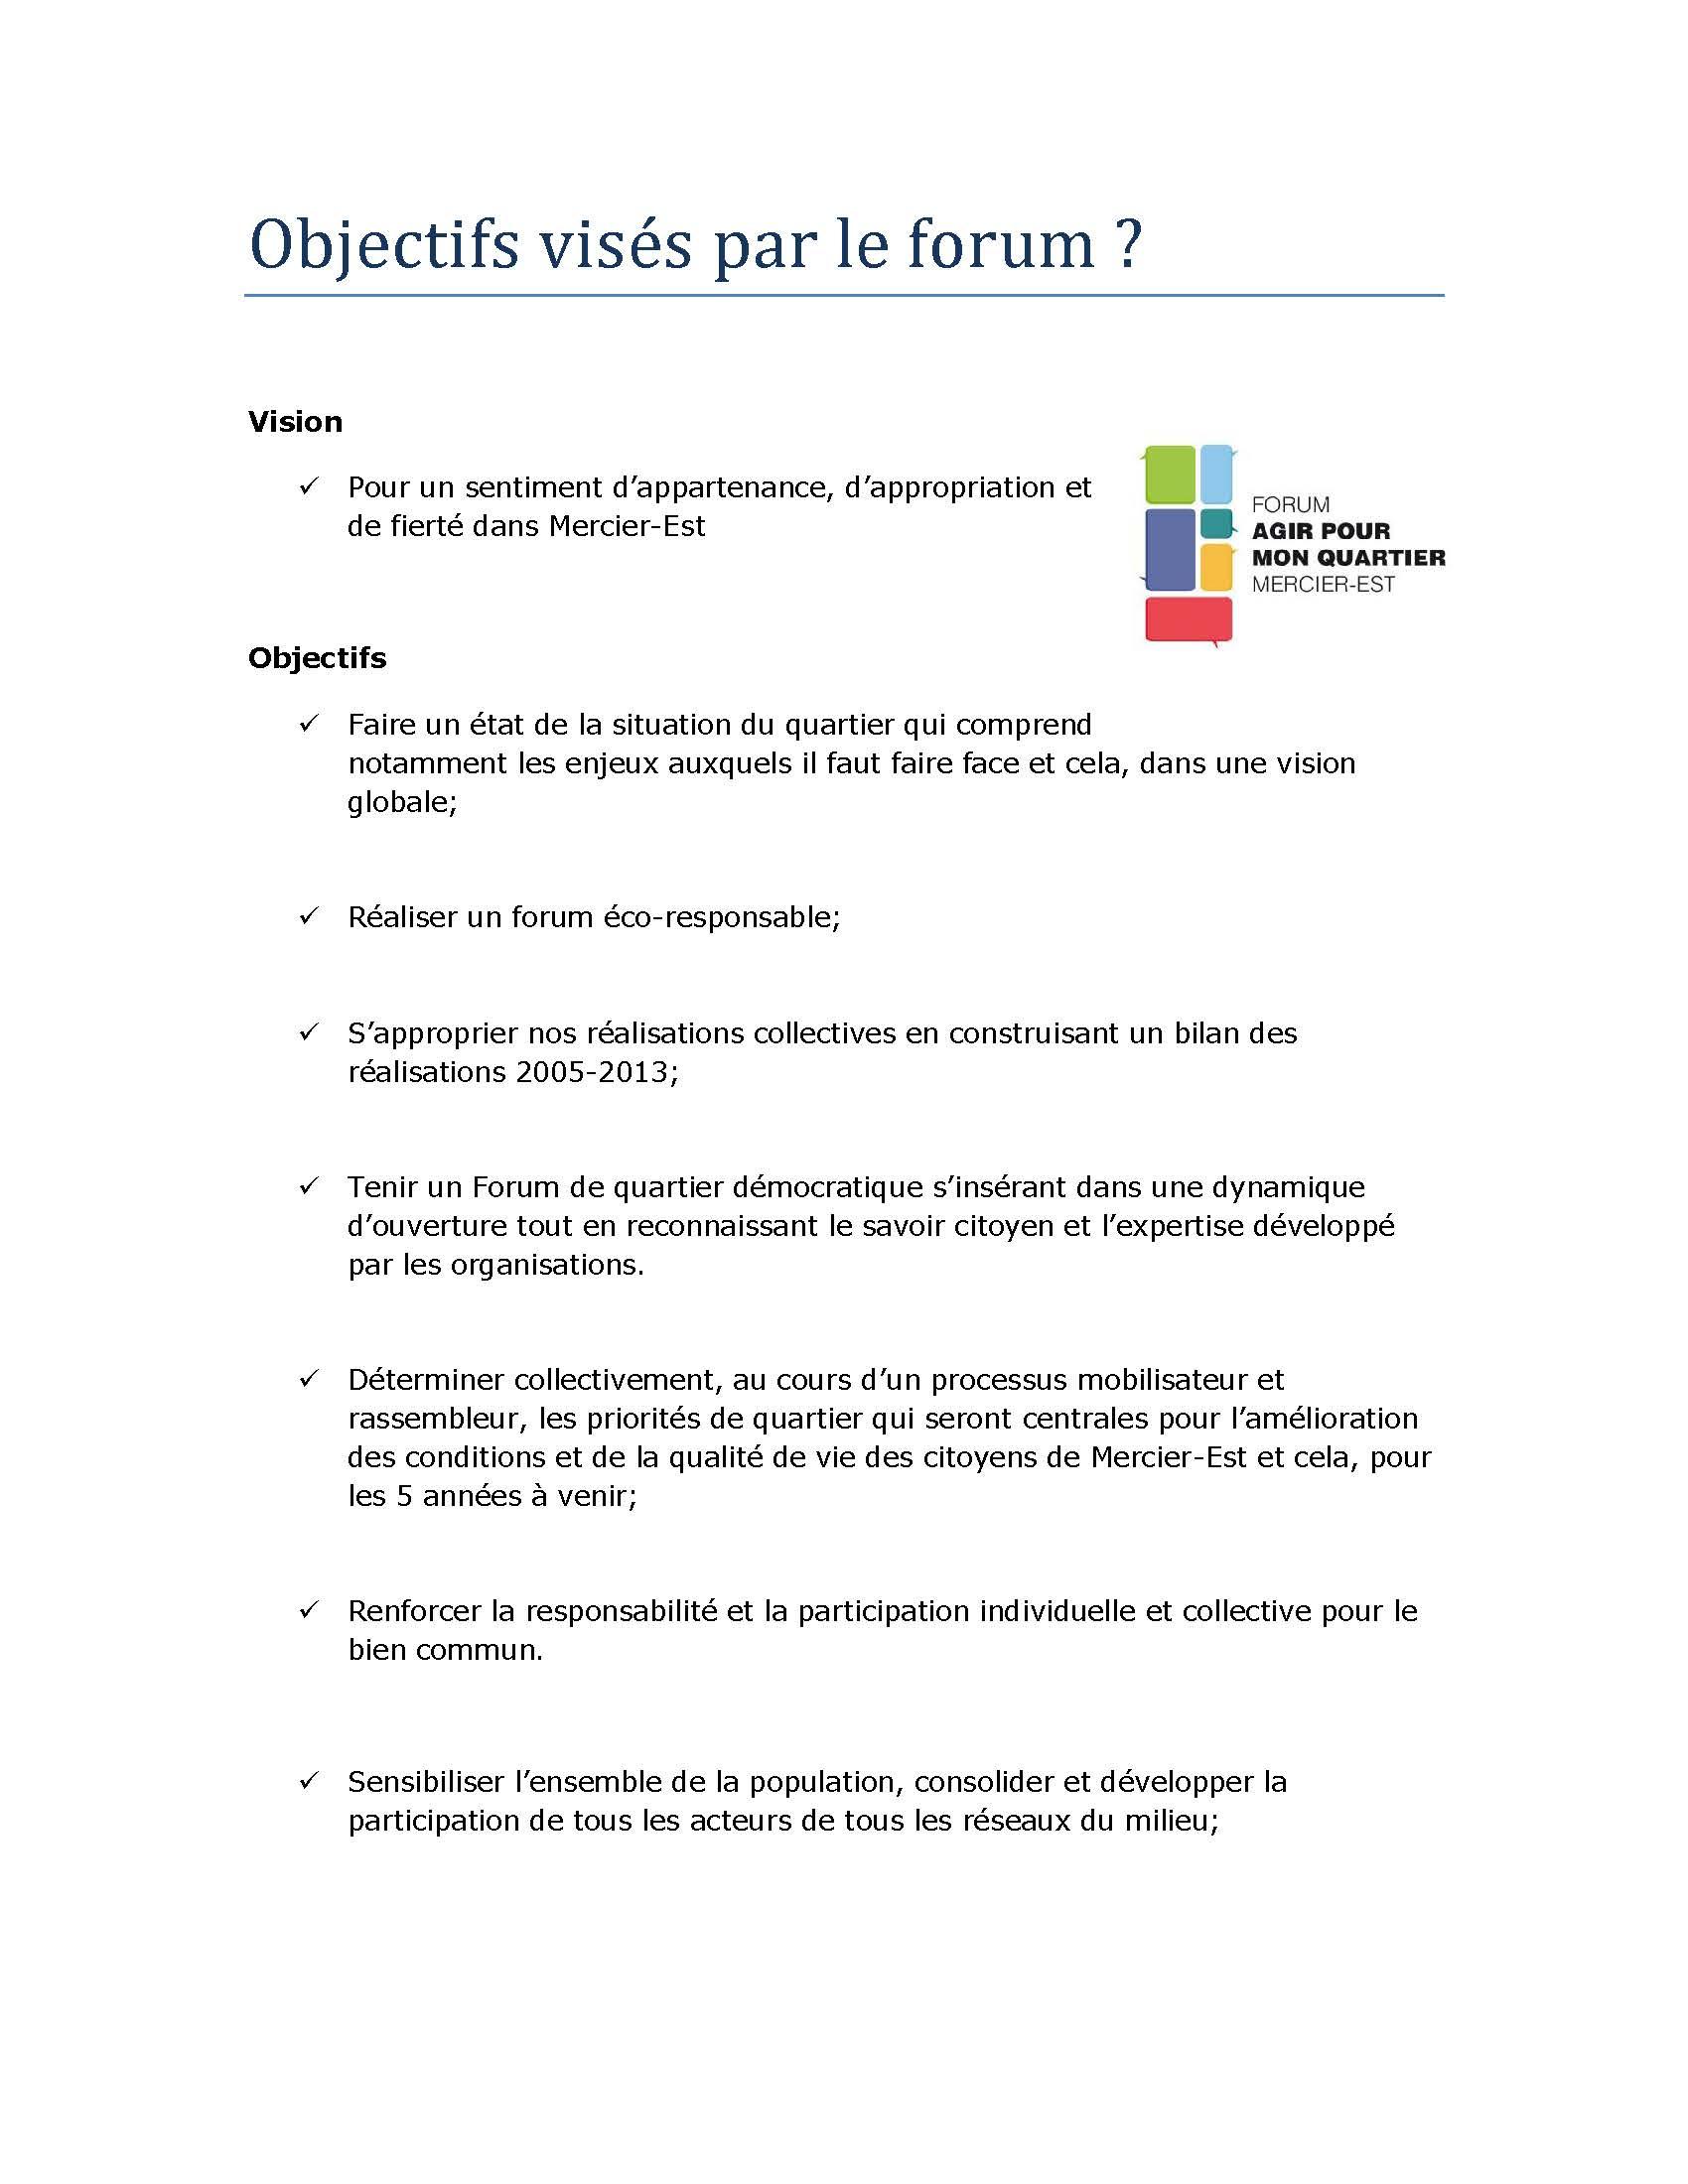 Objectifs visé par le forum site web